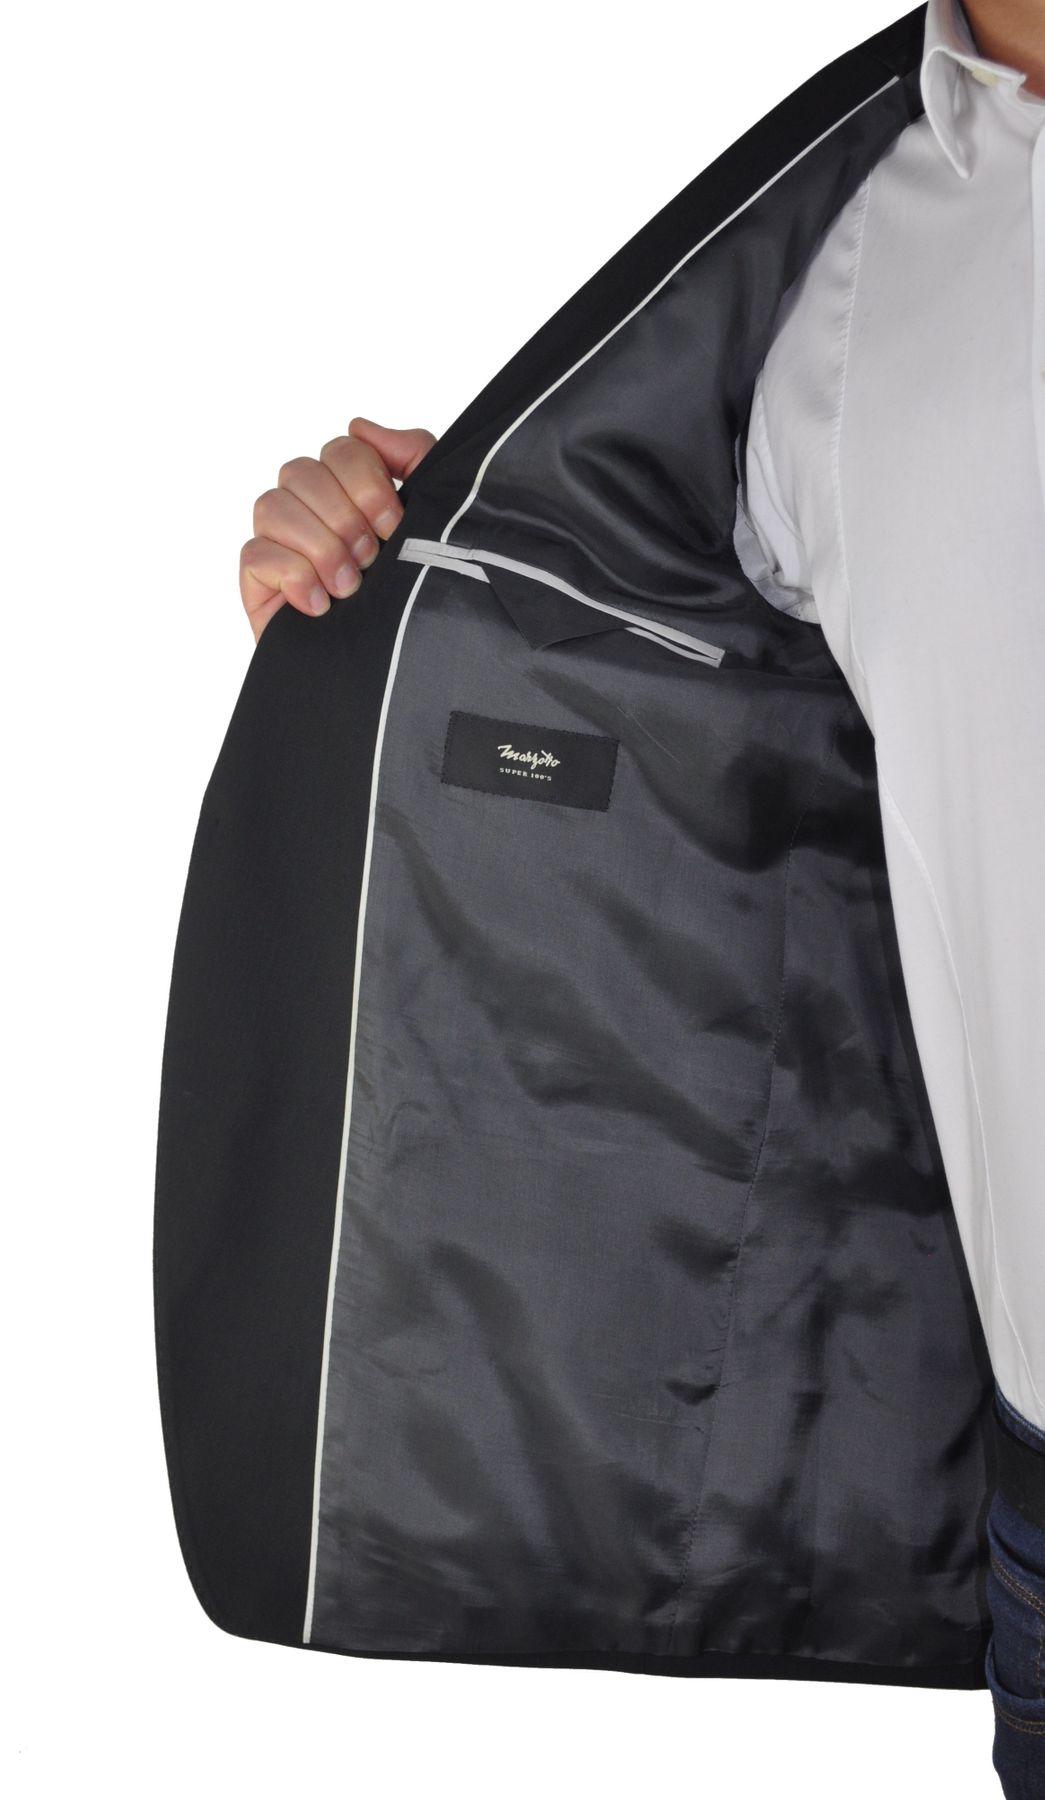 Atelier Torino - Classic Fit - Herren Baukasten Anzug in Schwarz, Weber: Marzotto, Giorgio SS/Bill (07050) – Bild 5